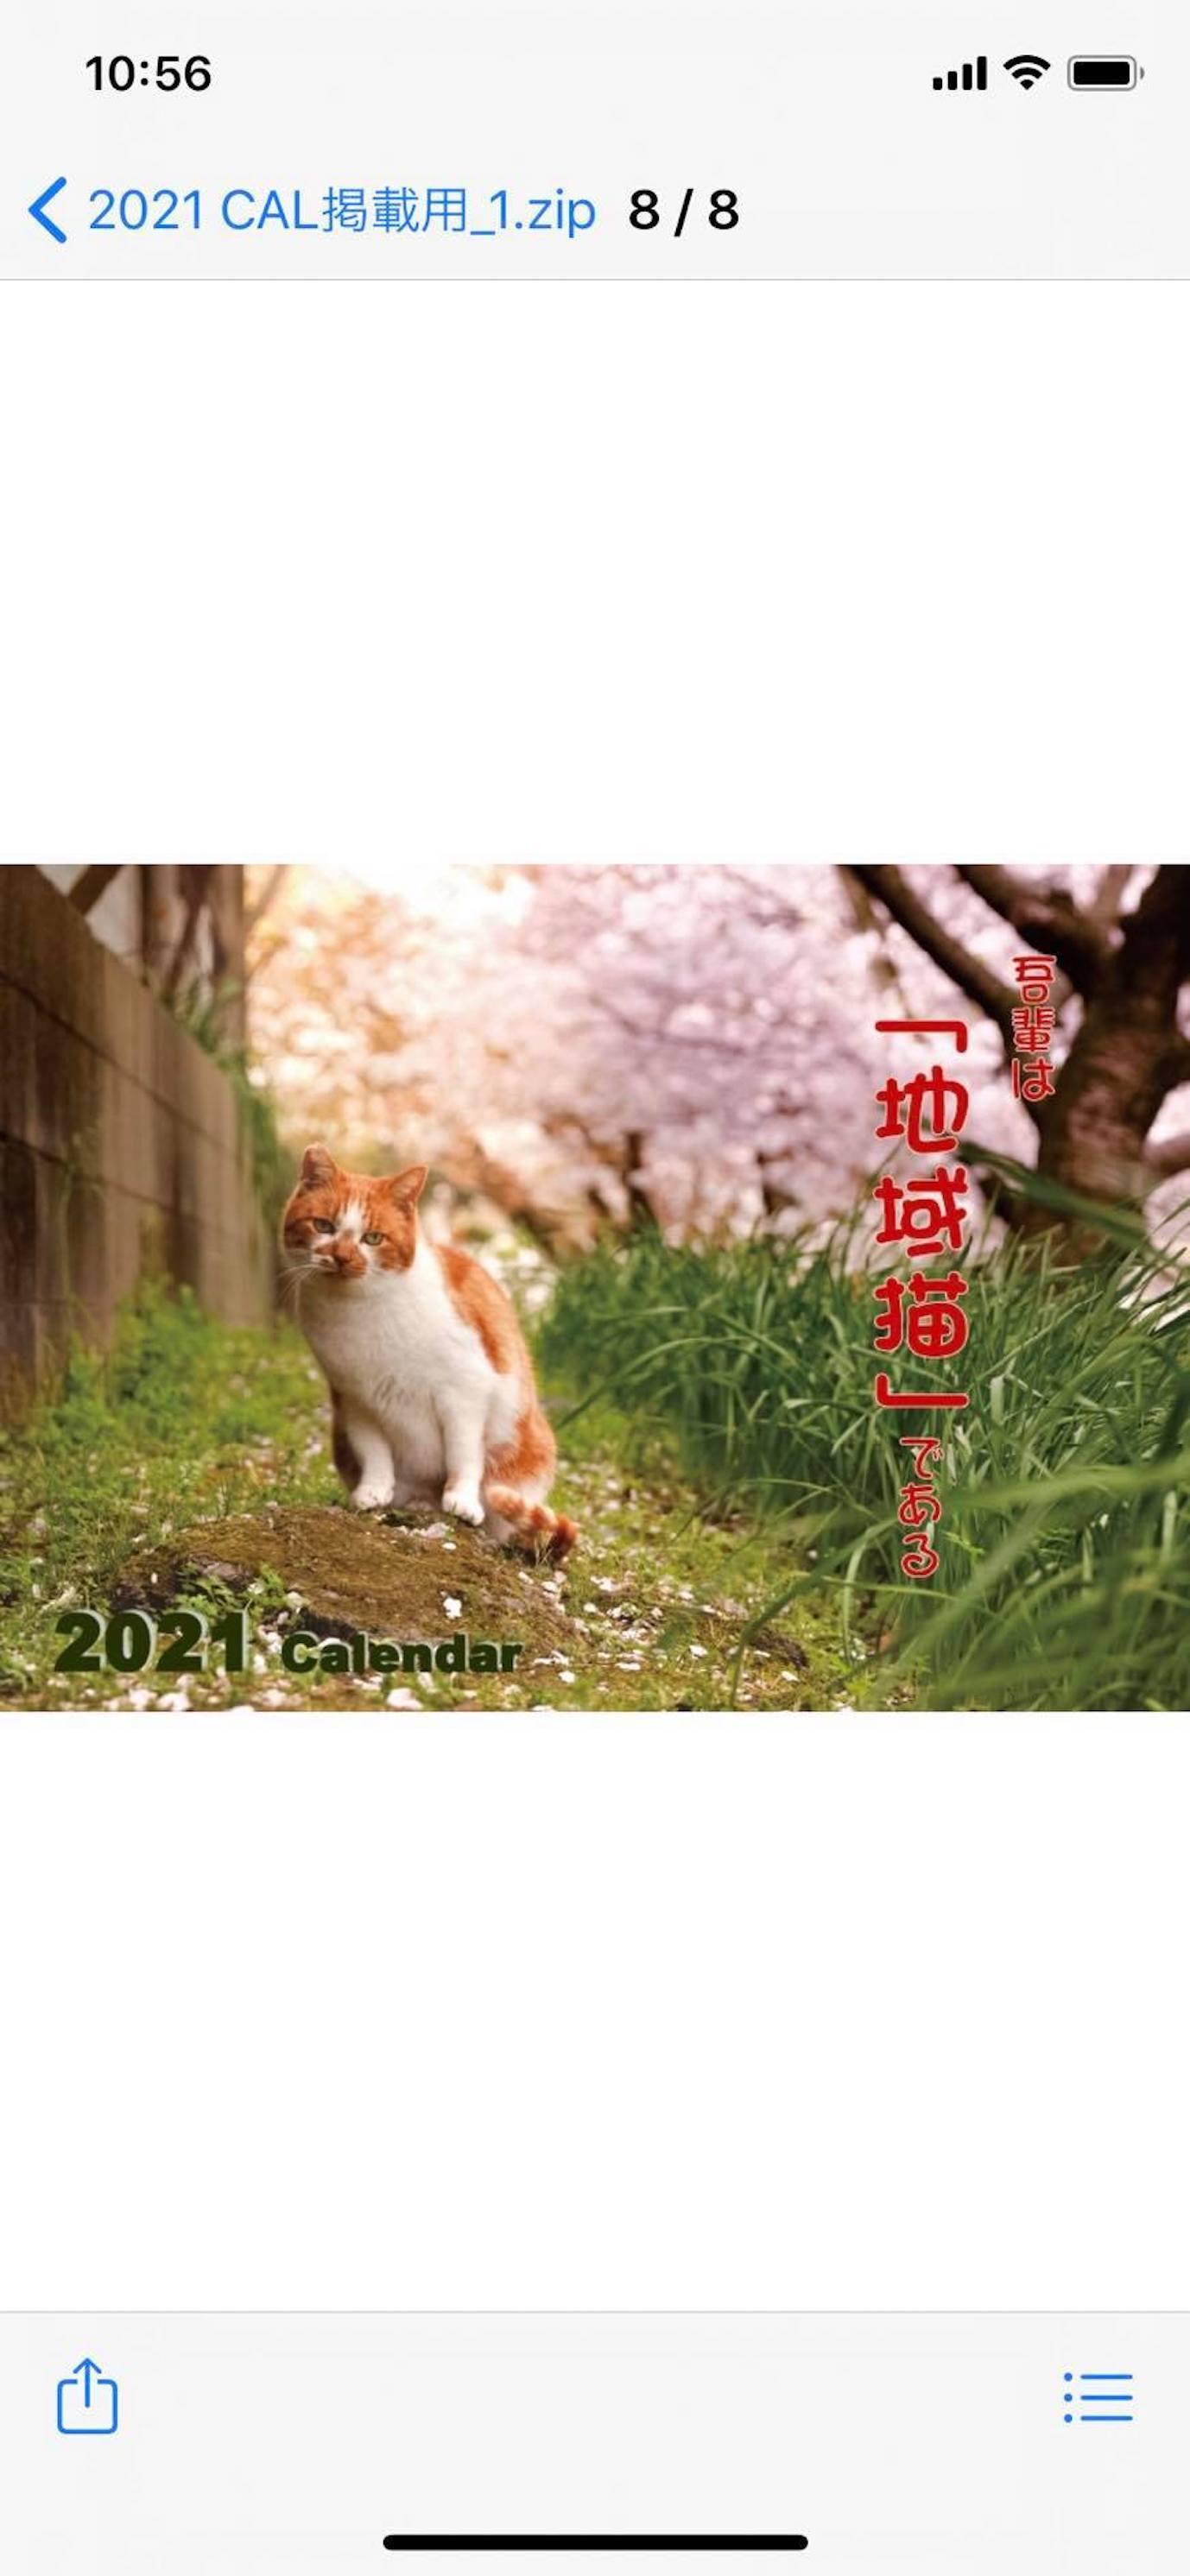 カレンダー販売します(予約受付ます)_d0073743_15484556.jpg